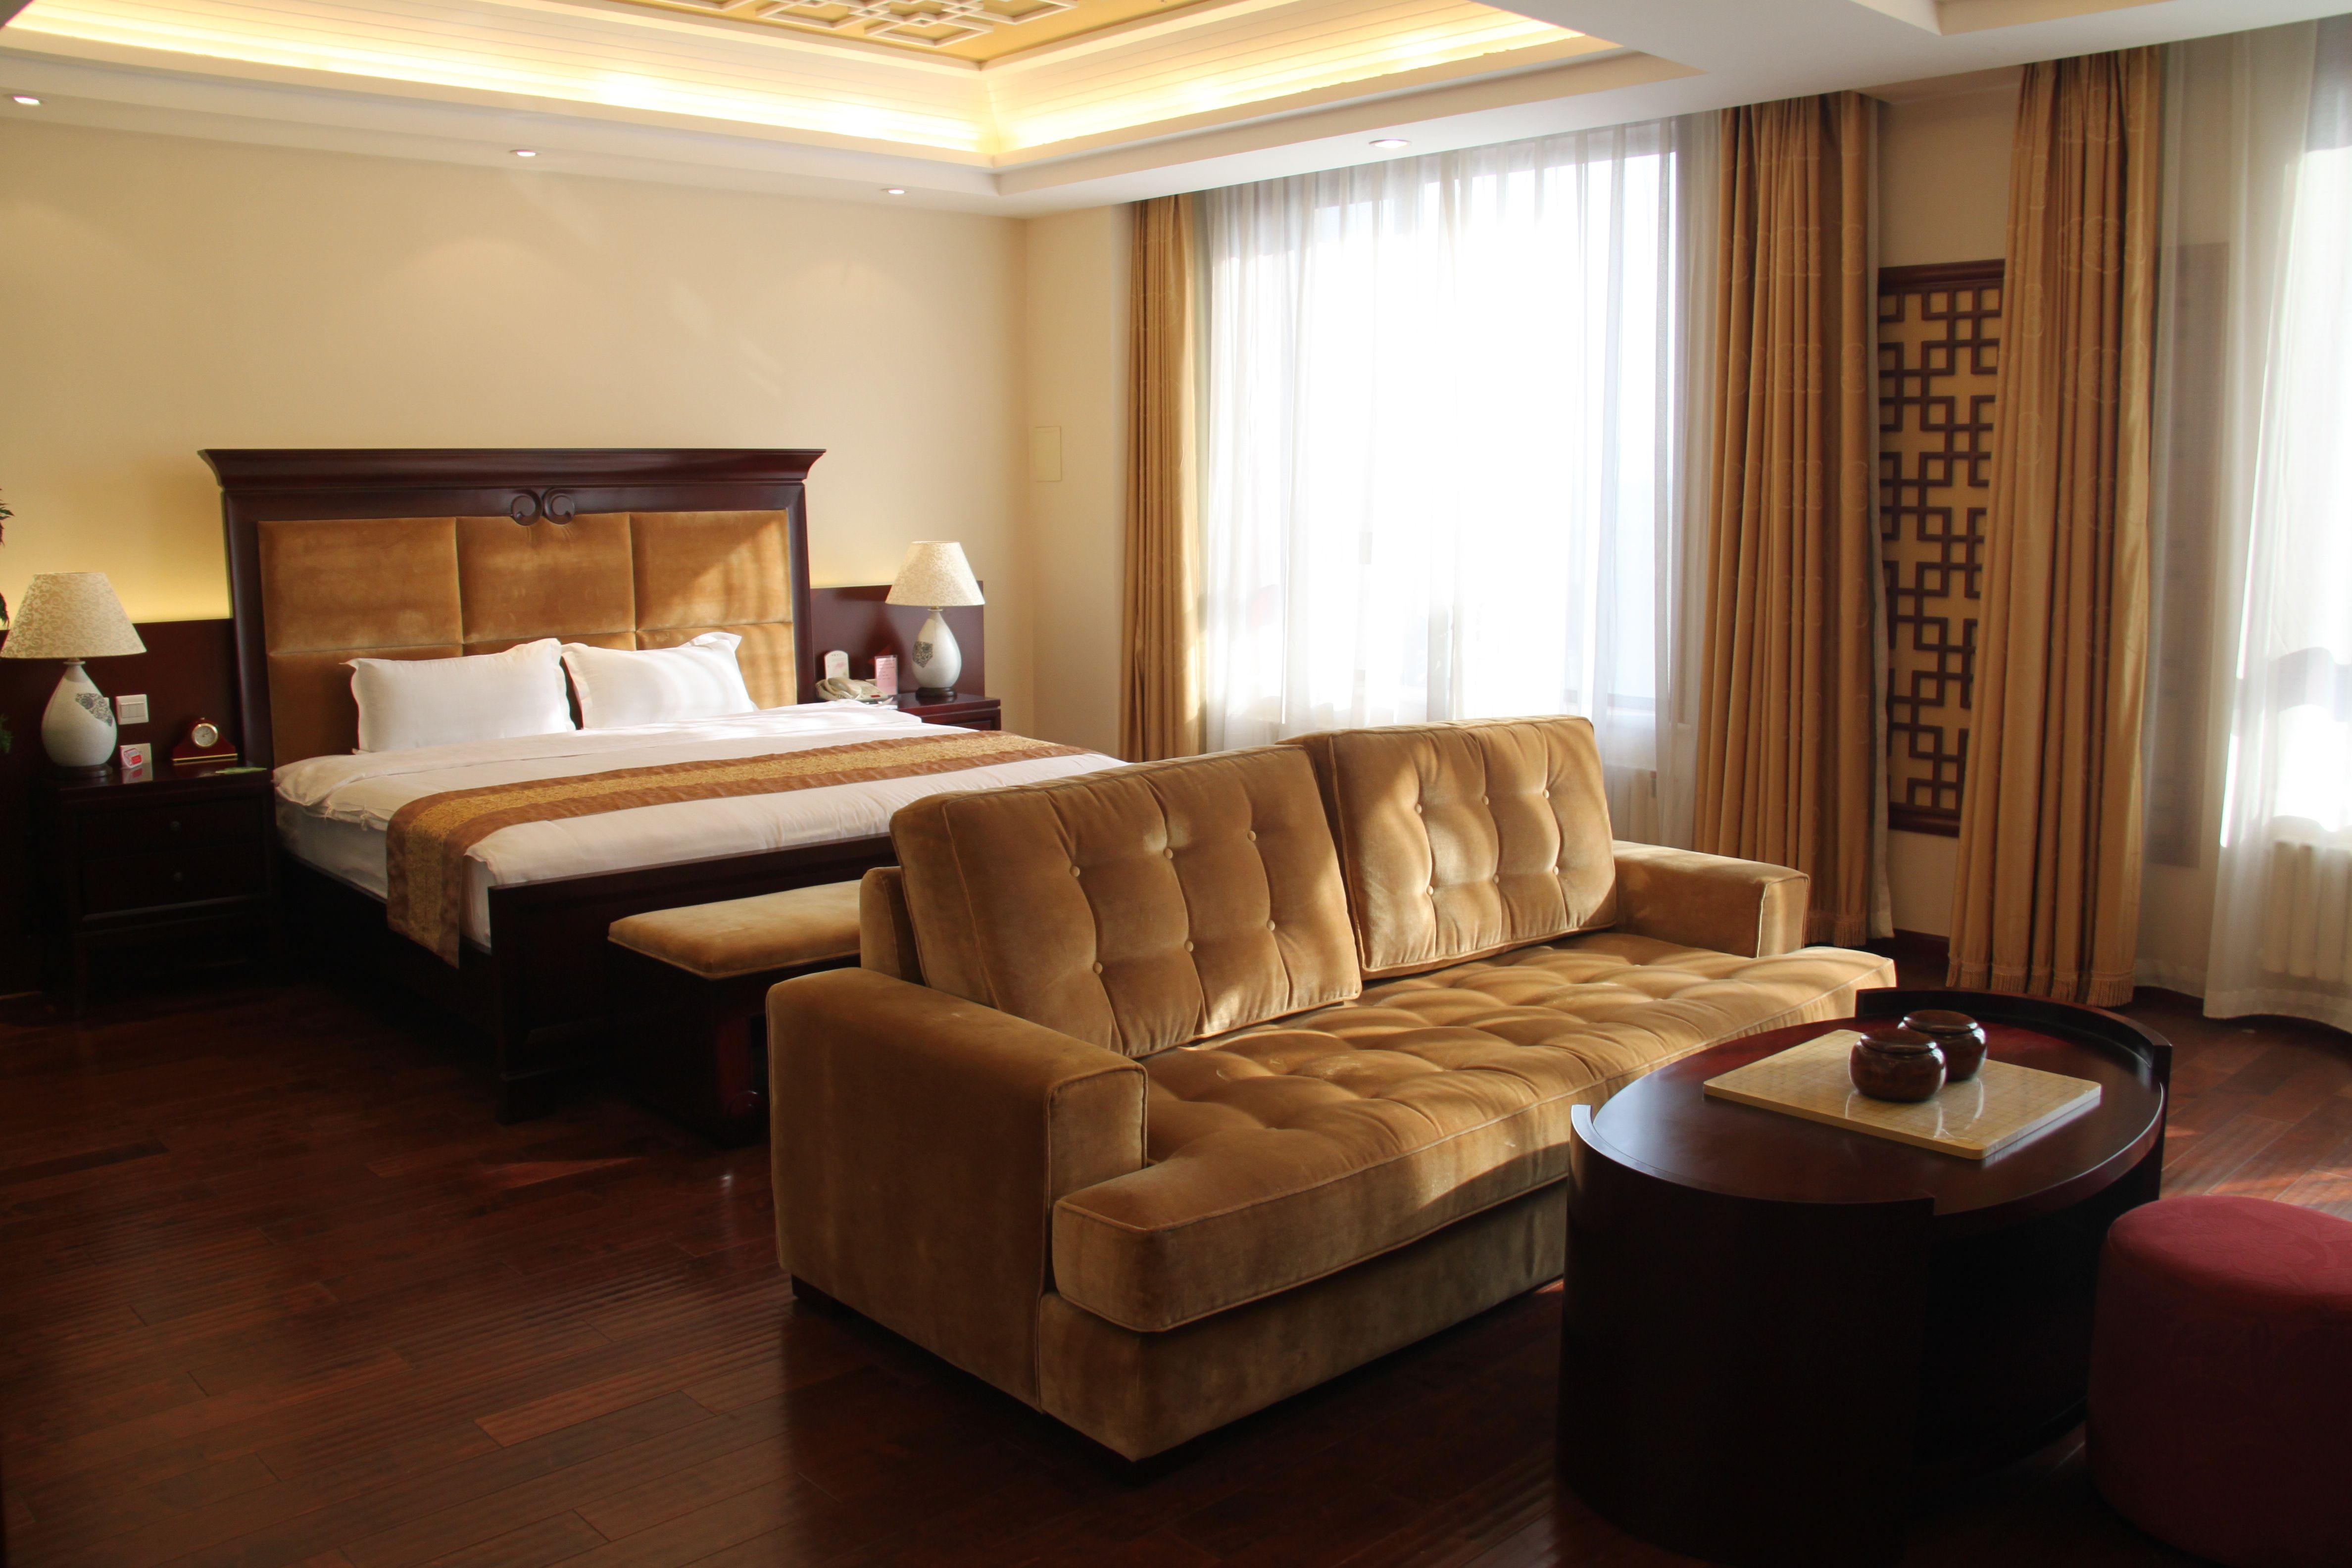 招待所套间 - 酒店设计 - 广州室内设计网_广州室内